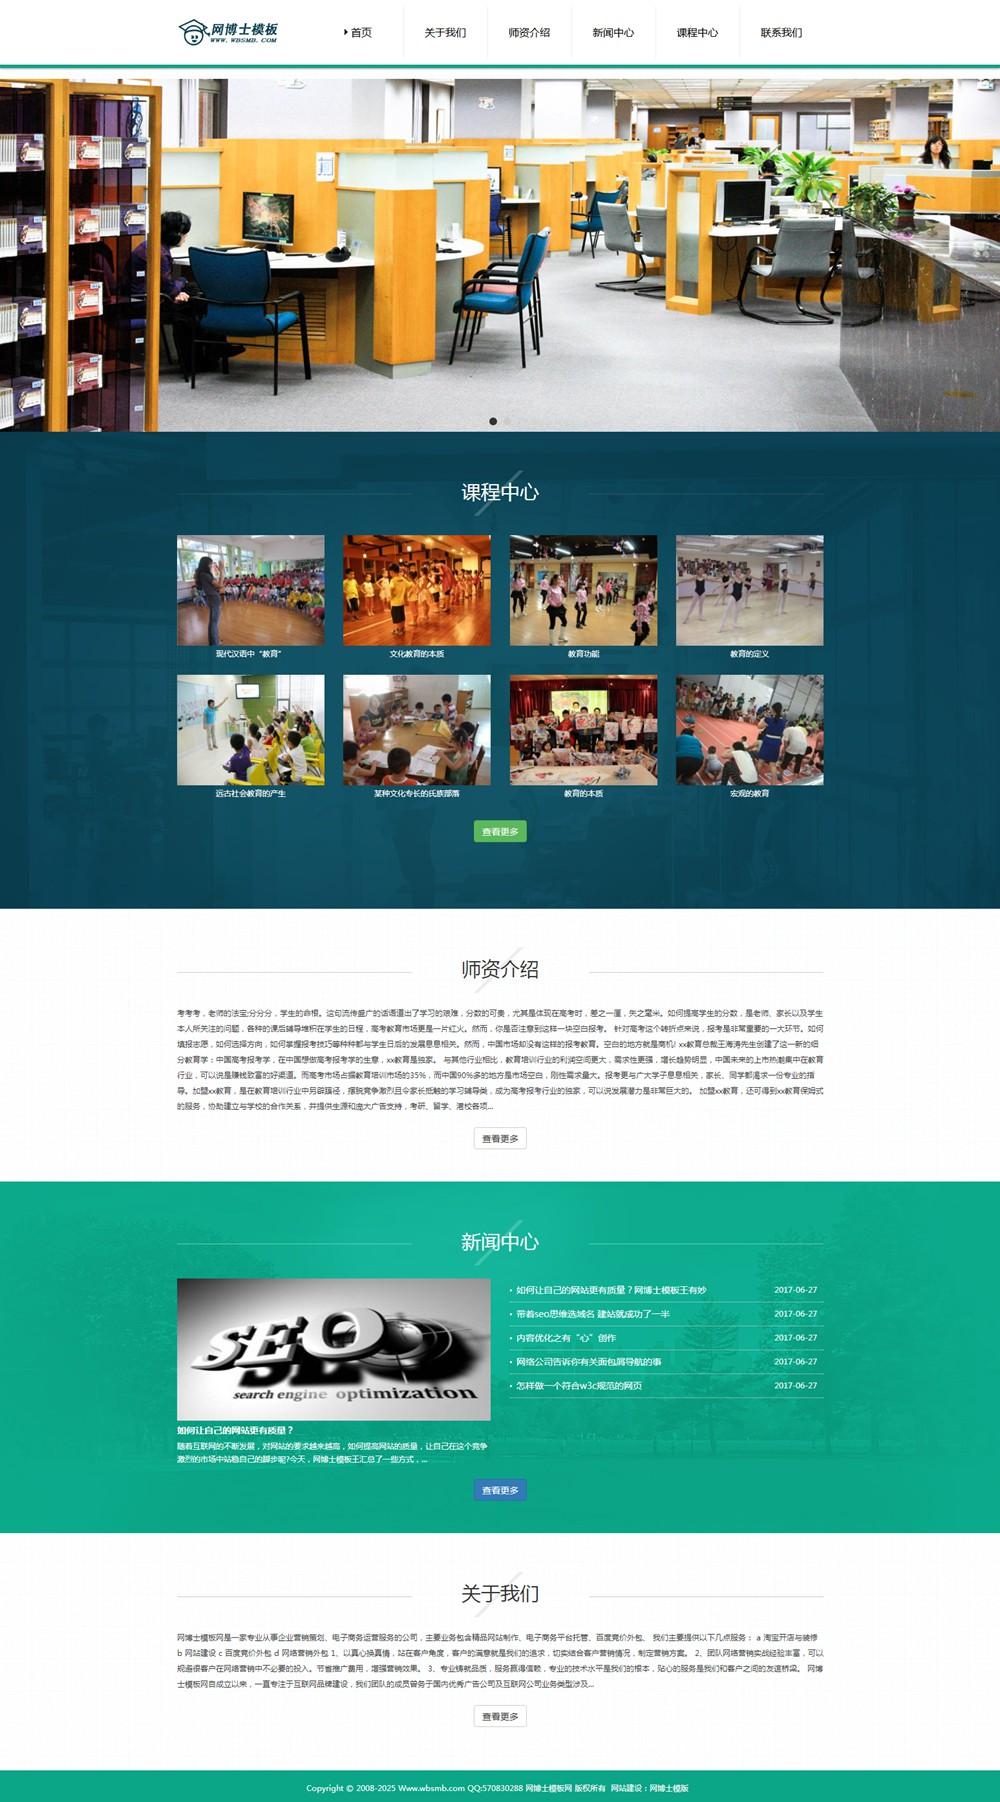 (自适应手机版)html5教育培训机构网站模版